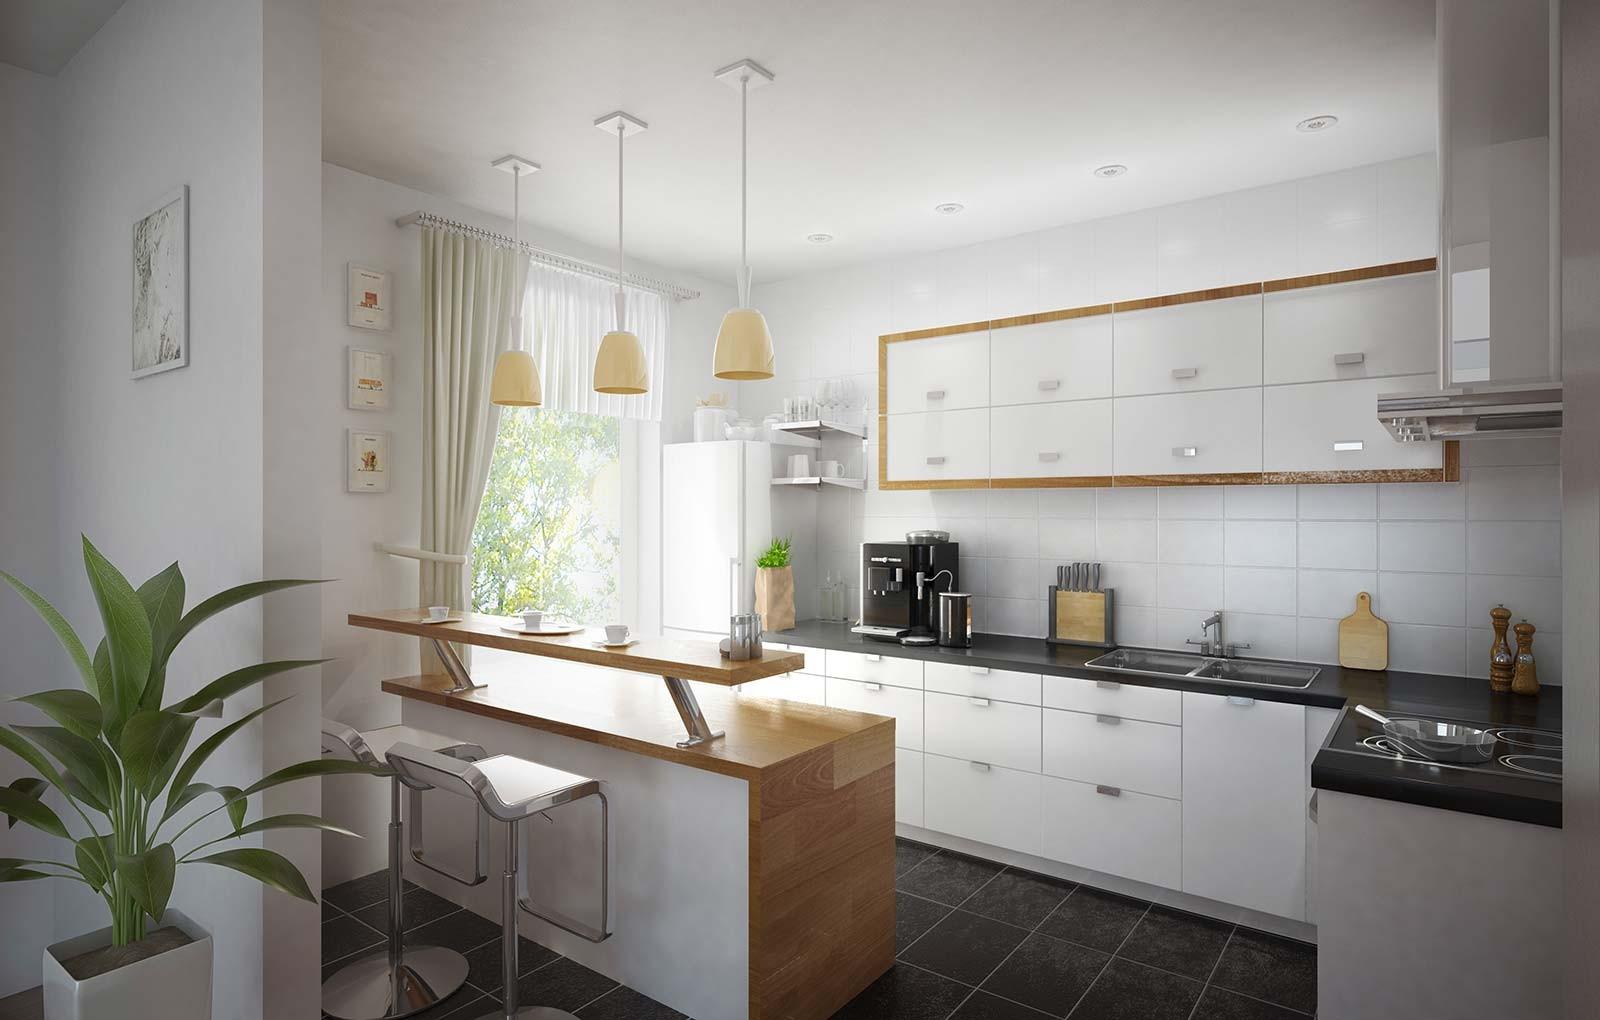 Küche mit Bar - Architekturvisualisierung Innenraum